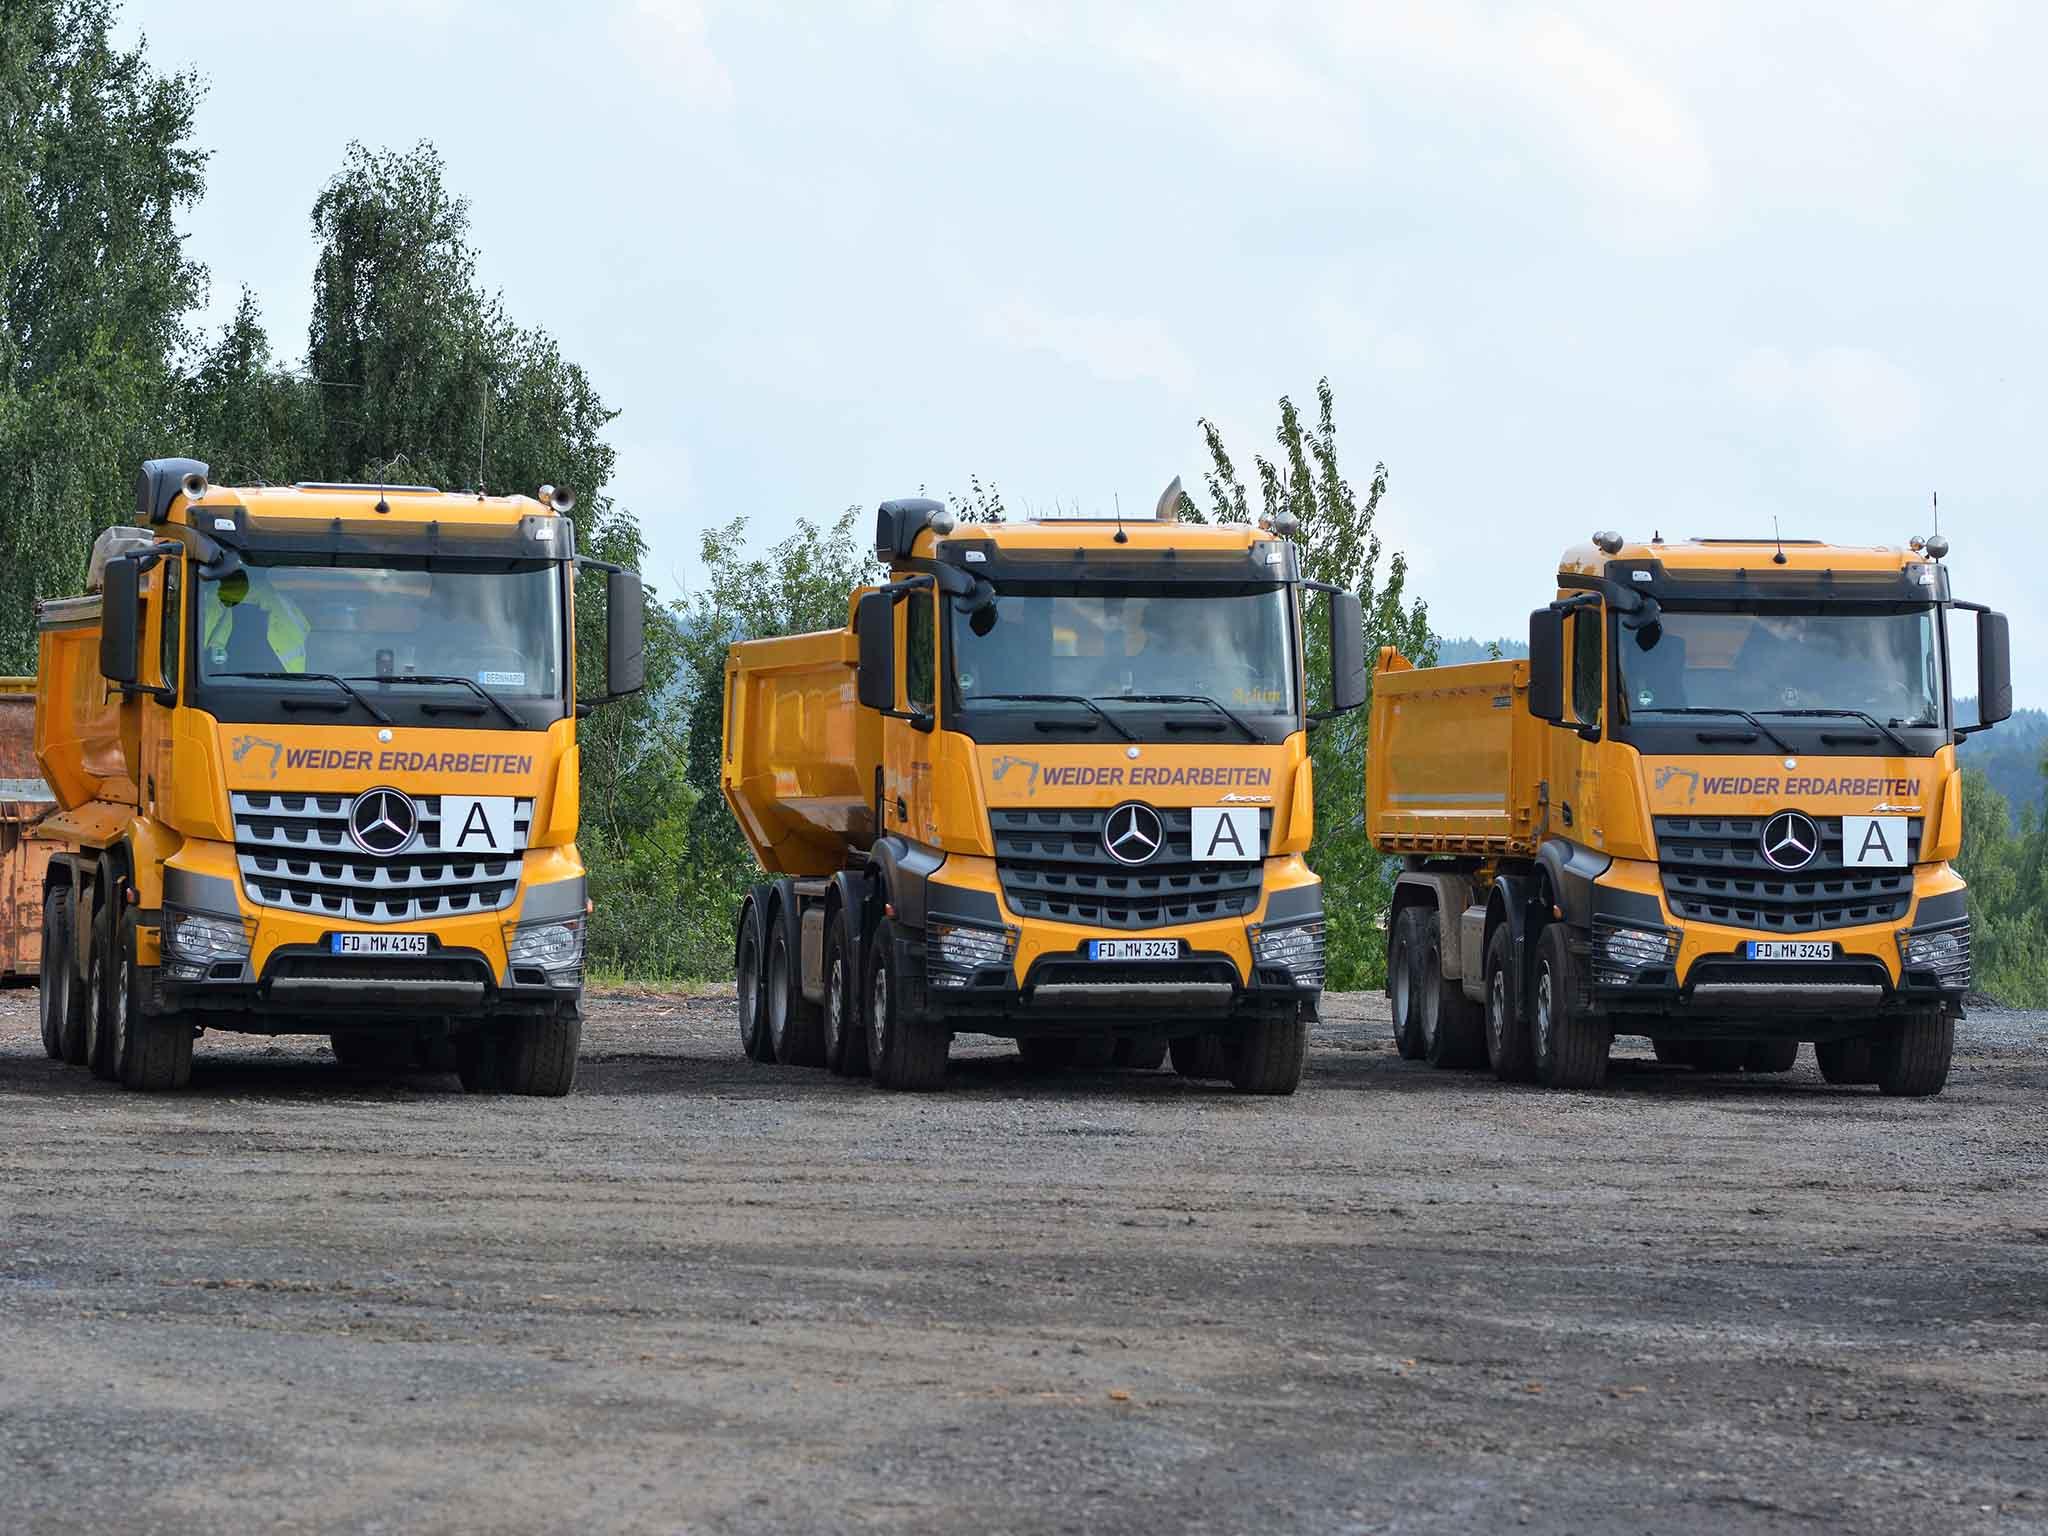 Transporte der Firma Weider-Erdarbeiten